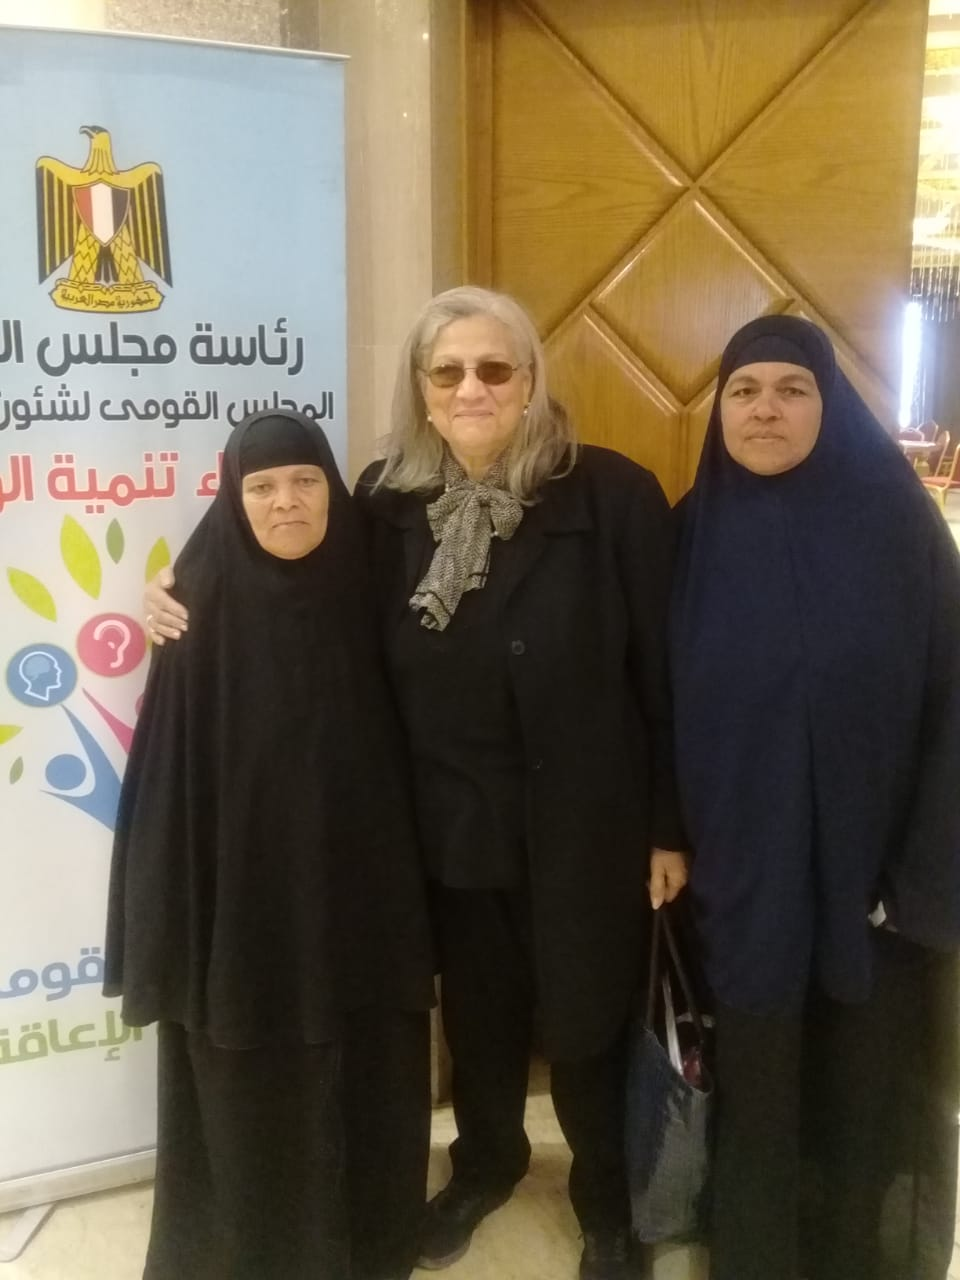 لقاء مع الرئيس والسلطات بشأن حقوق الأشخاص ذوي الإعاقة في مصر